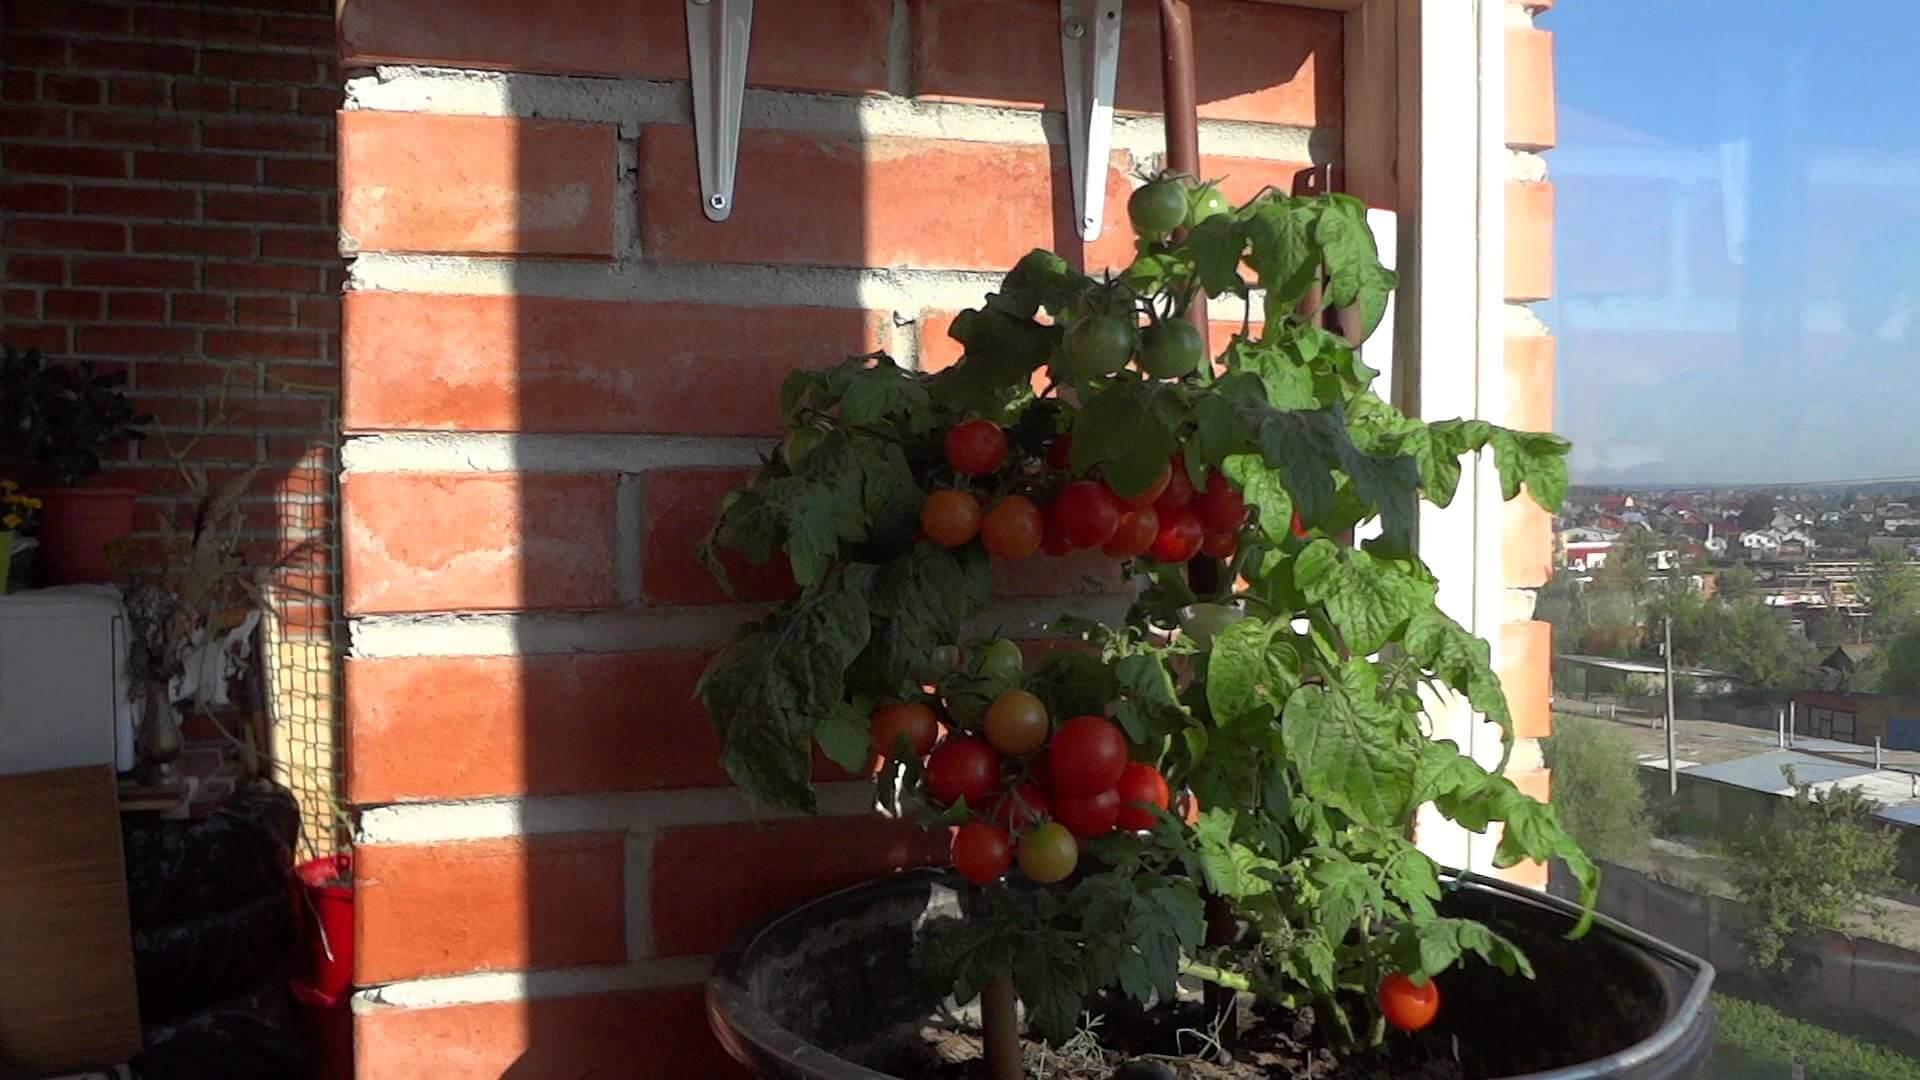 Выращивание помидоров на балконе: пошаговые фото, видео уход.